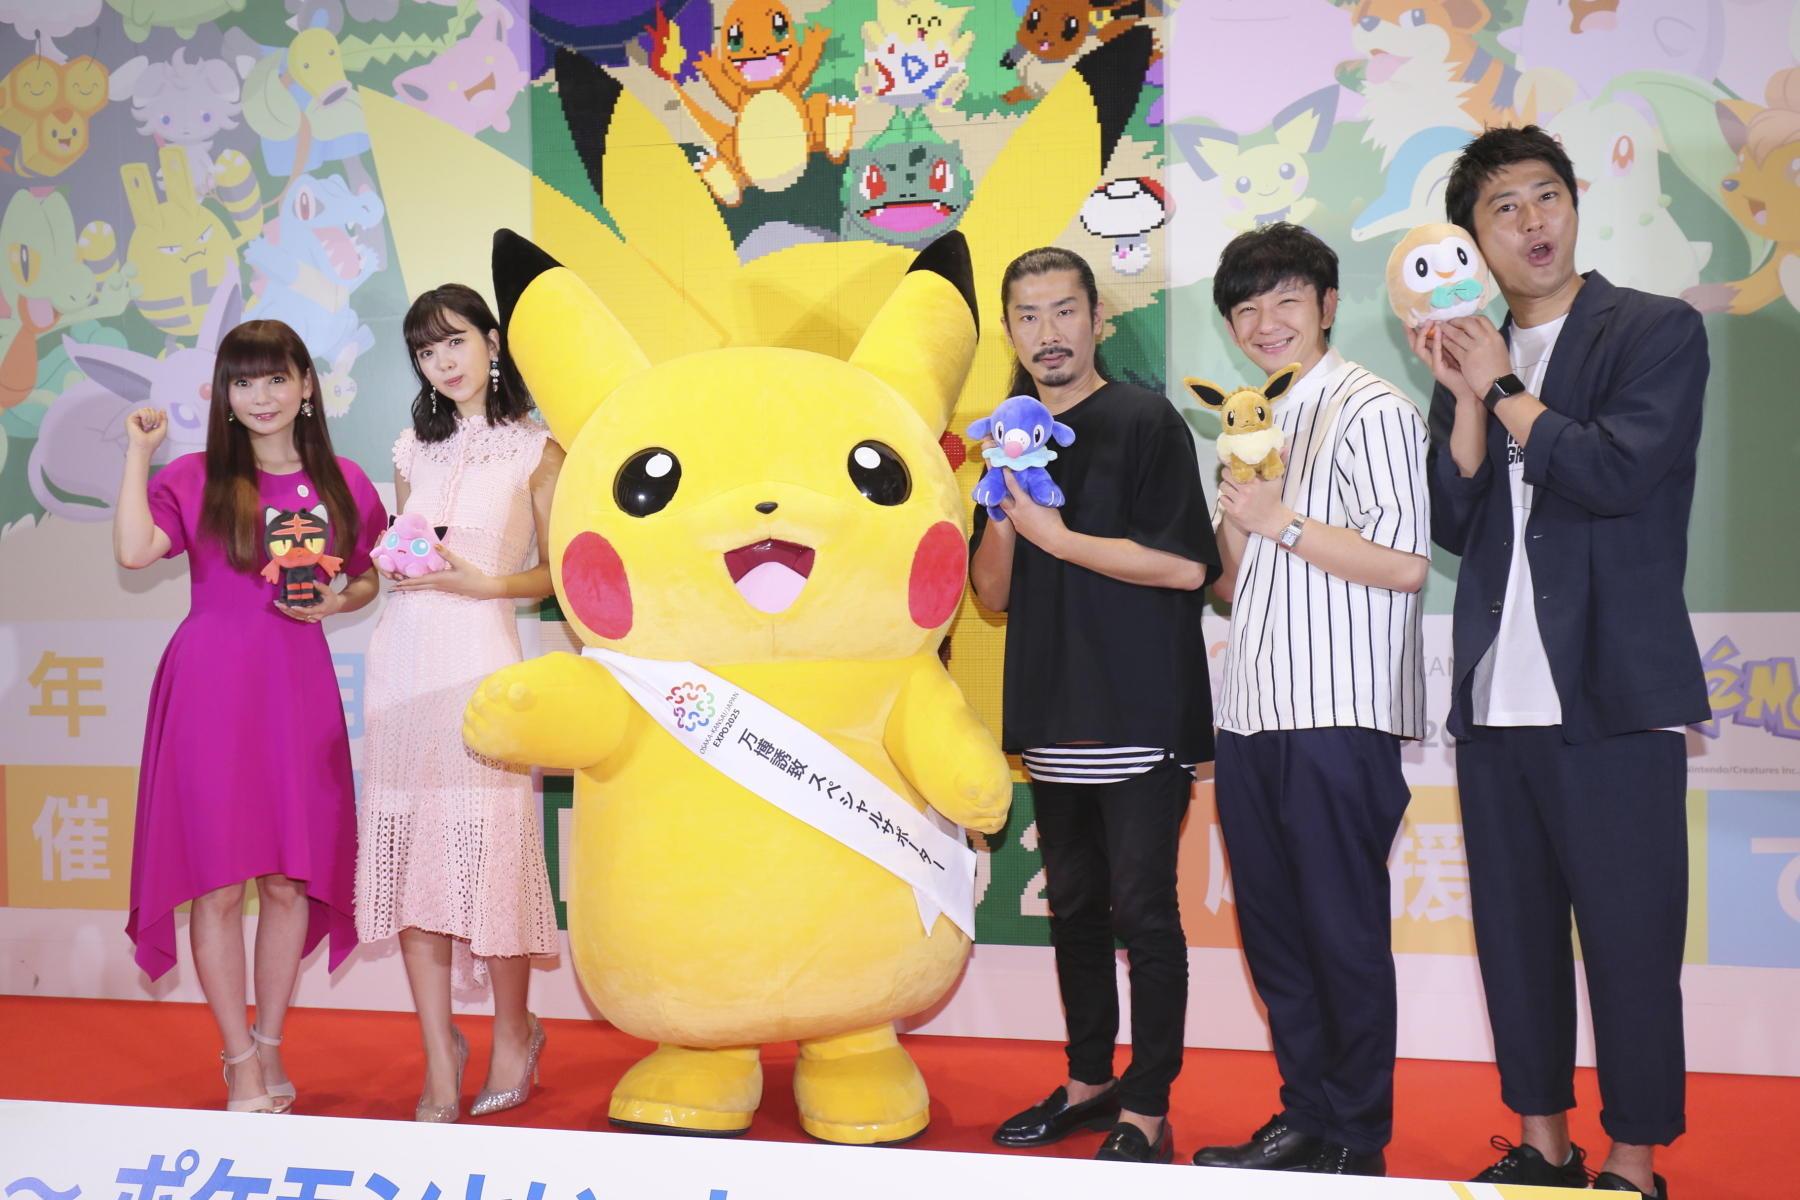 http://news.yoshimoto.co.jp/20180614200100-39a824502bd974d85f2f9bf96d9935b605f900c8.jpg